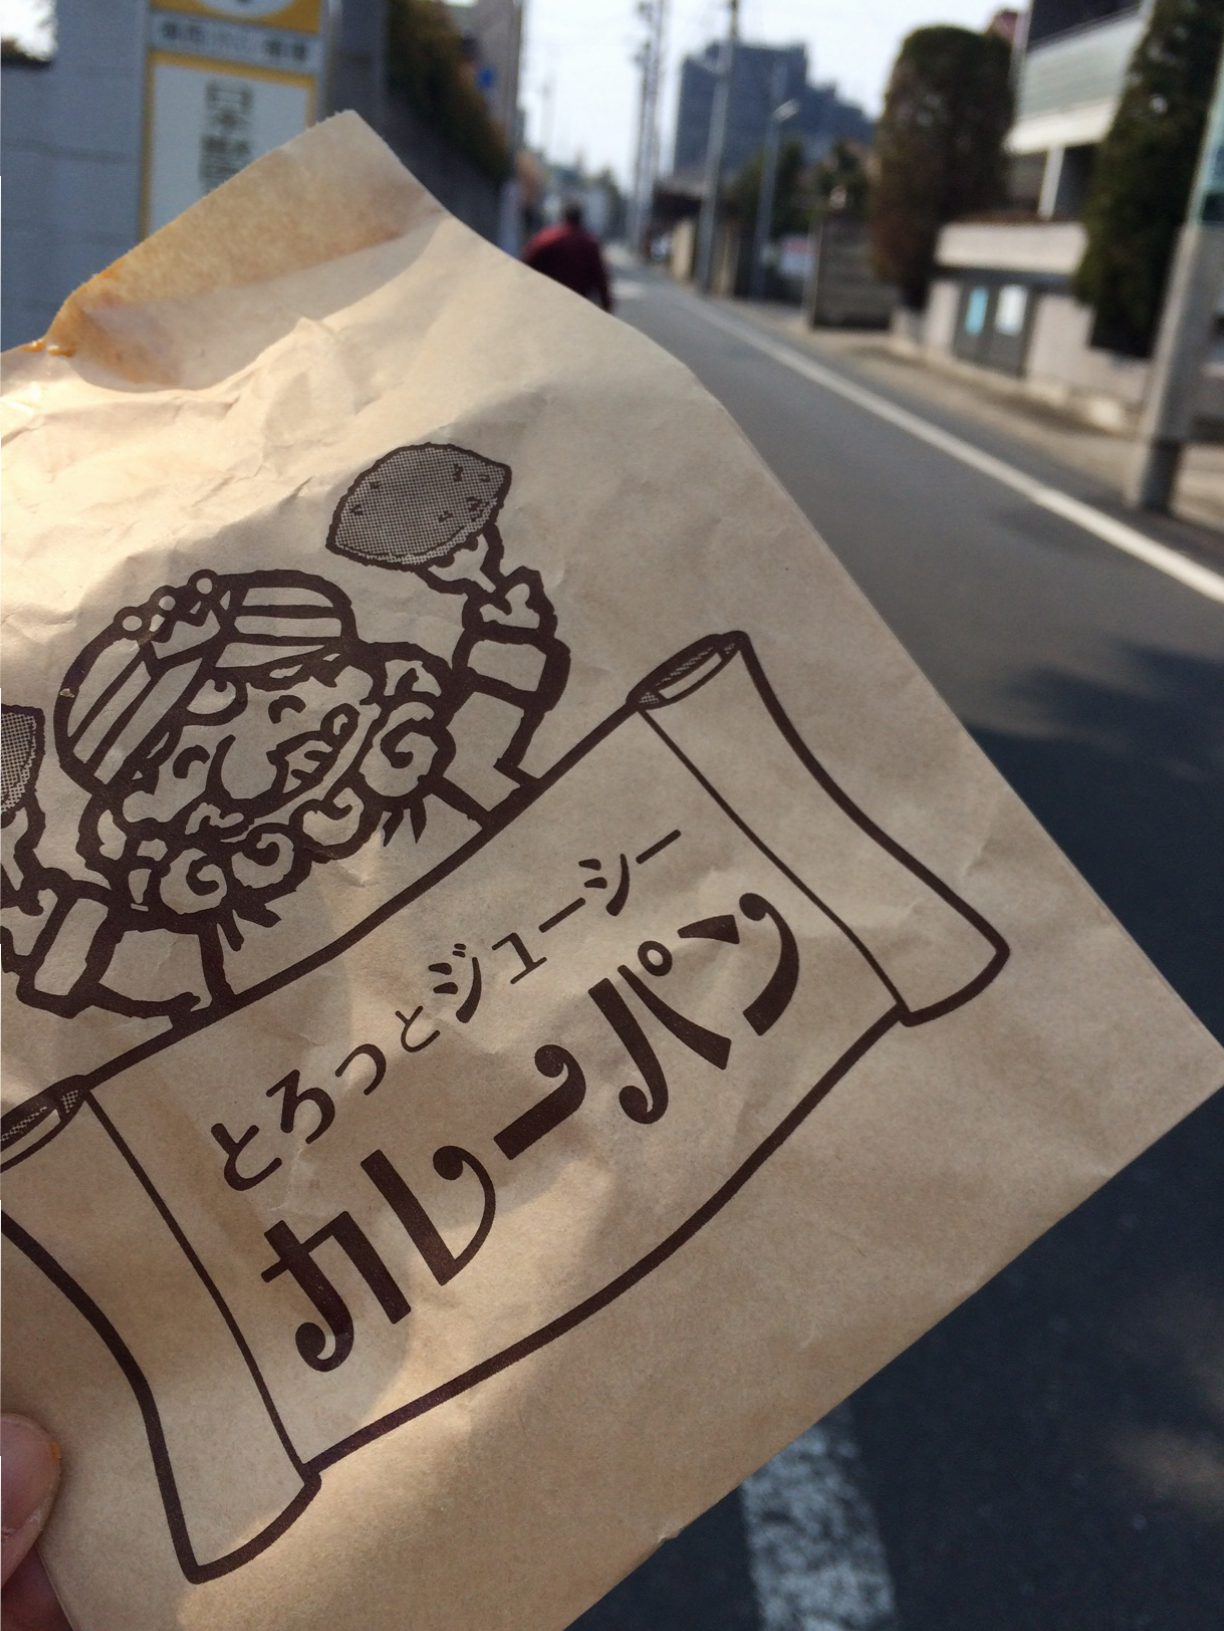 「武蔵野のくらし今昔―昭和の衣・食・住―」のミュージアムトーク@武蔵野ふるさと歴史館に行ってきました!①